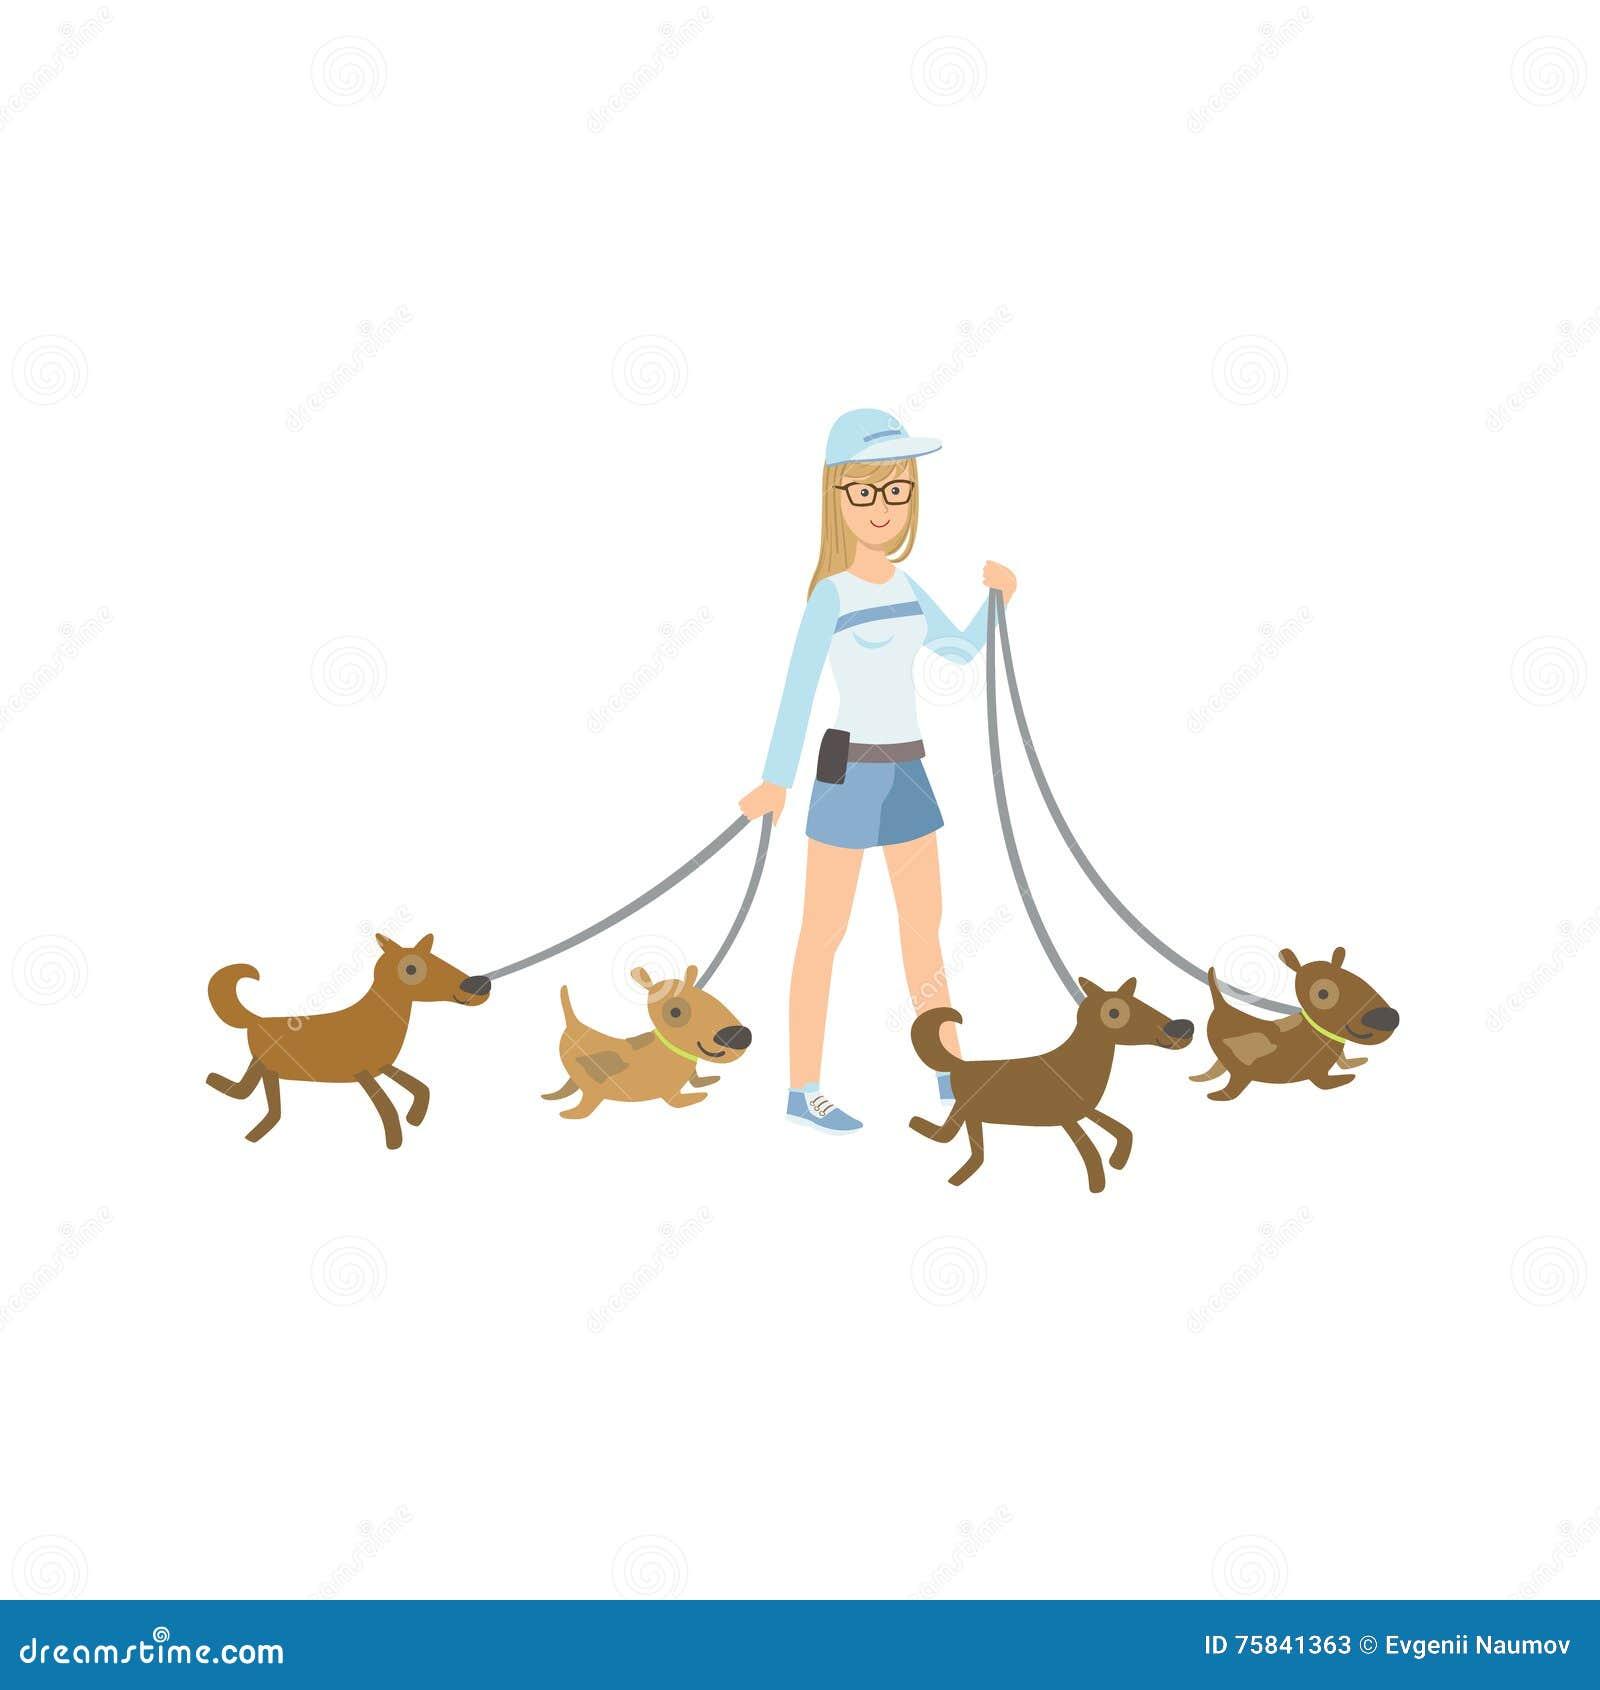 Cartoon Walking Dog